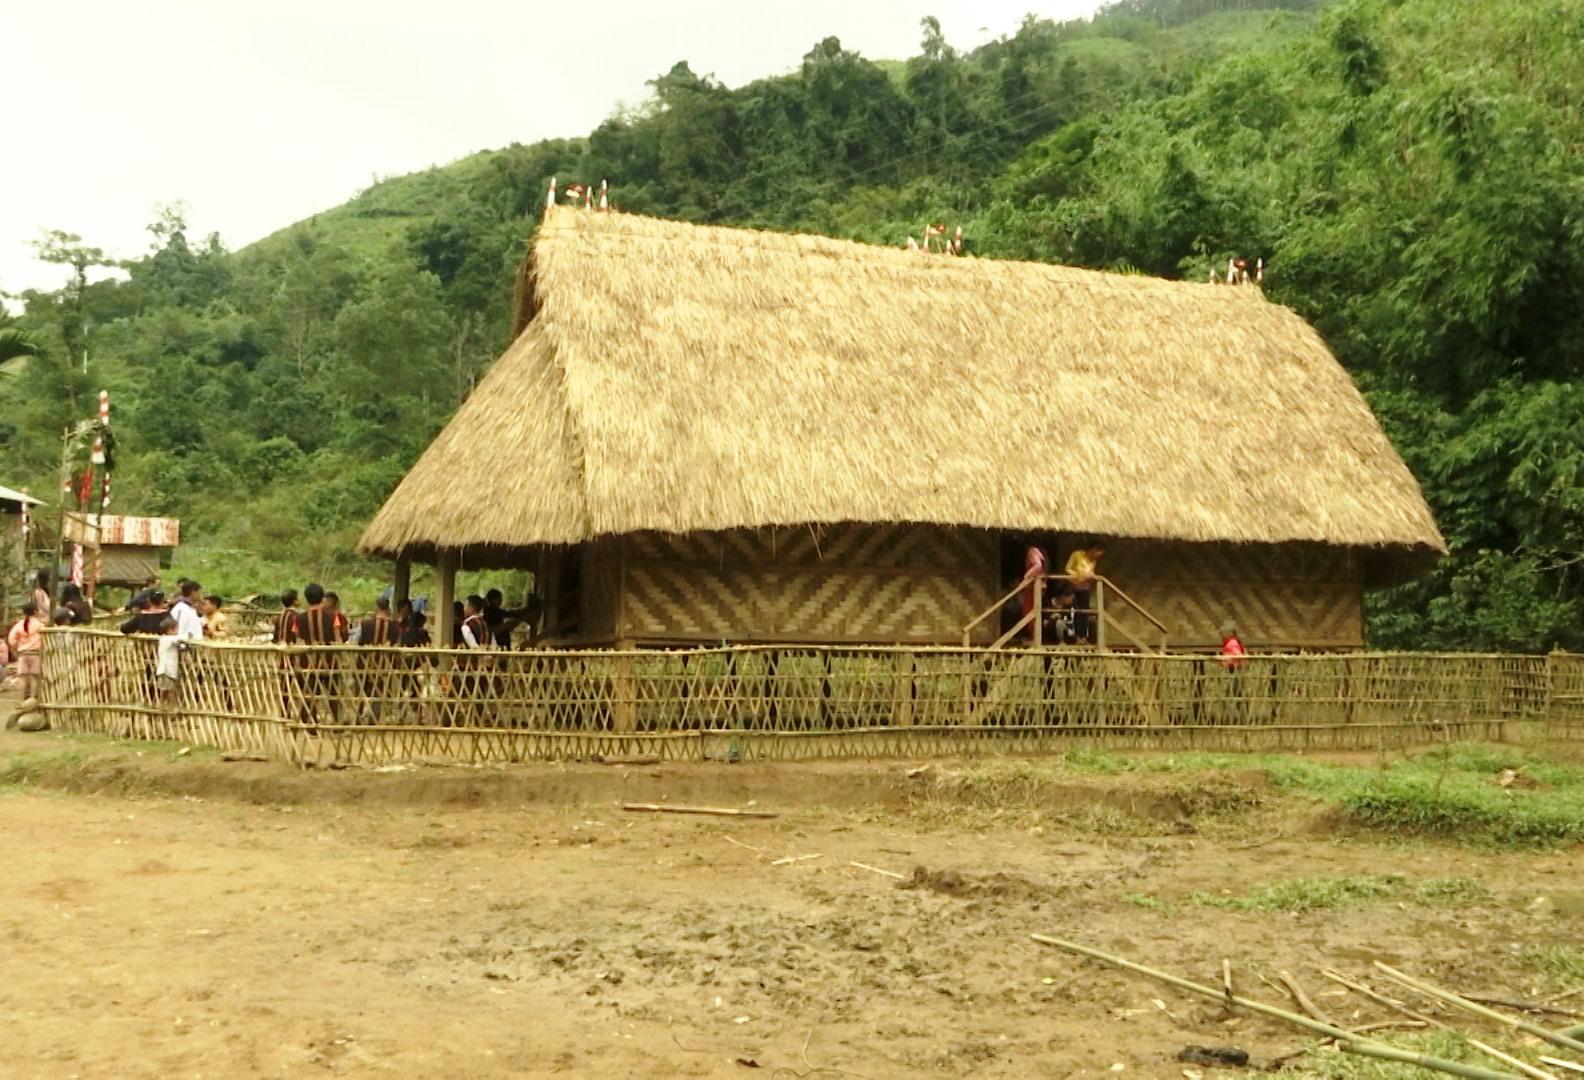 Nhà sinh hoạt cộng đồng của người dân Xê Đăng tại thôn 1, Trà Cang vừa được cộng đồng chung tay xây dựng. Ảnh: P.Thiện